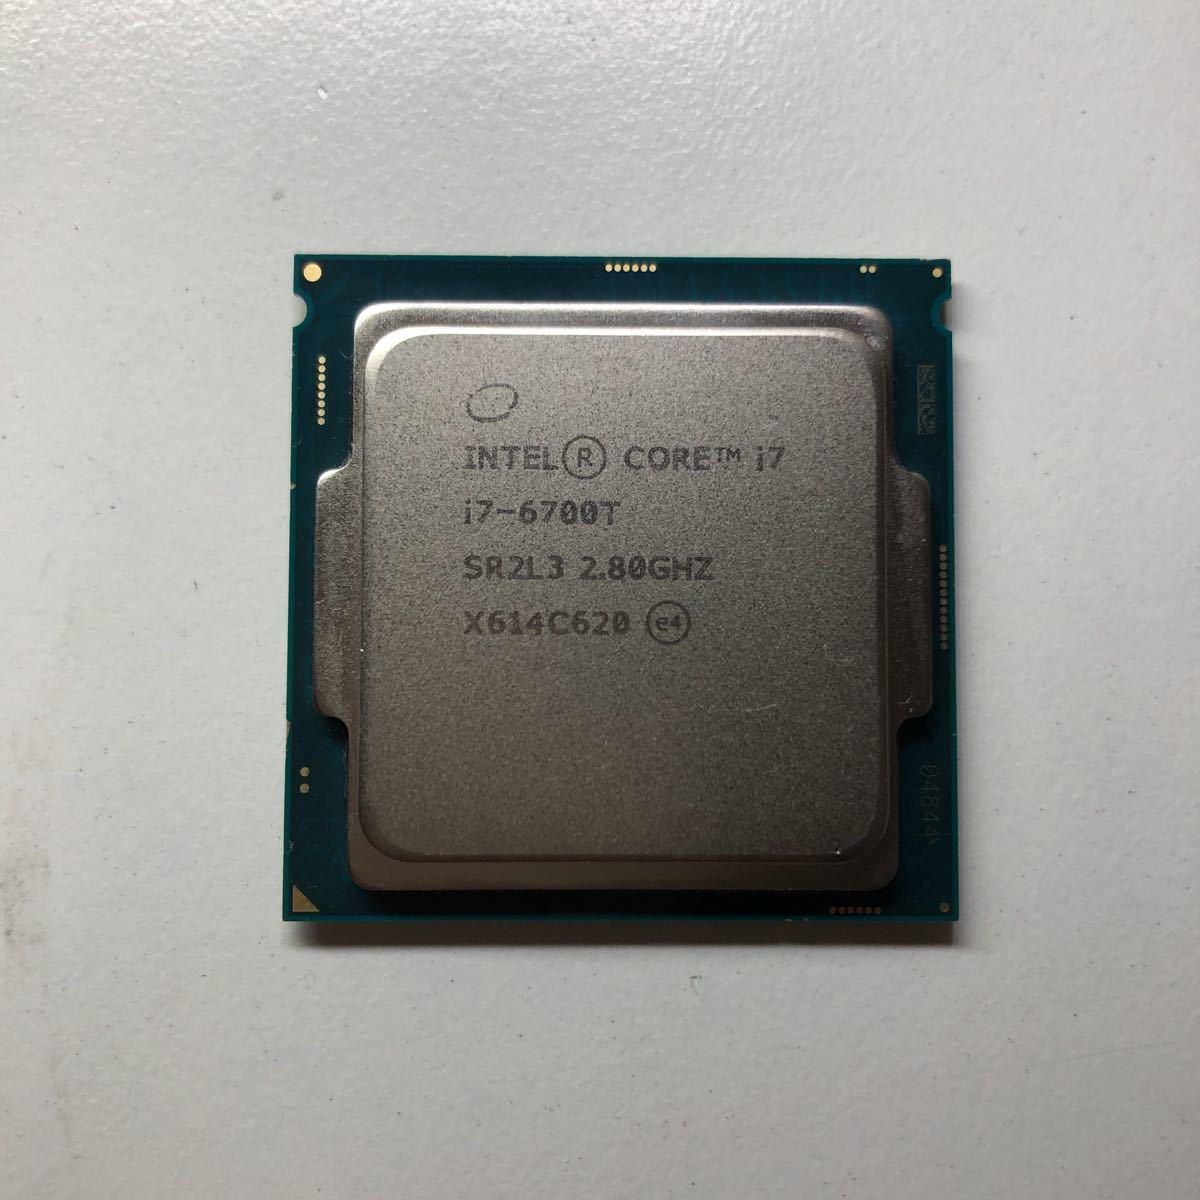 Intel core i7-6700T 2.80GHz/8M SR2L3